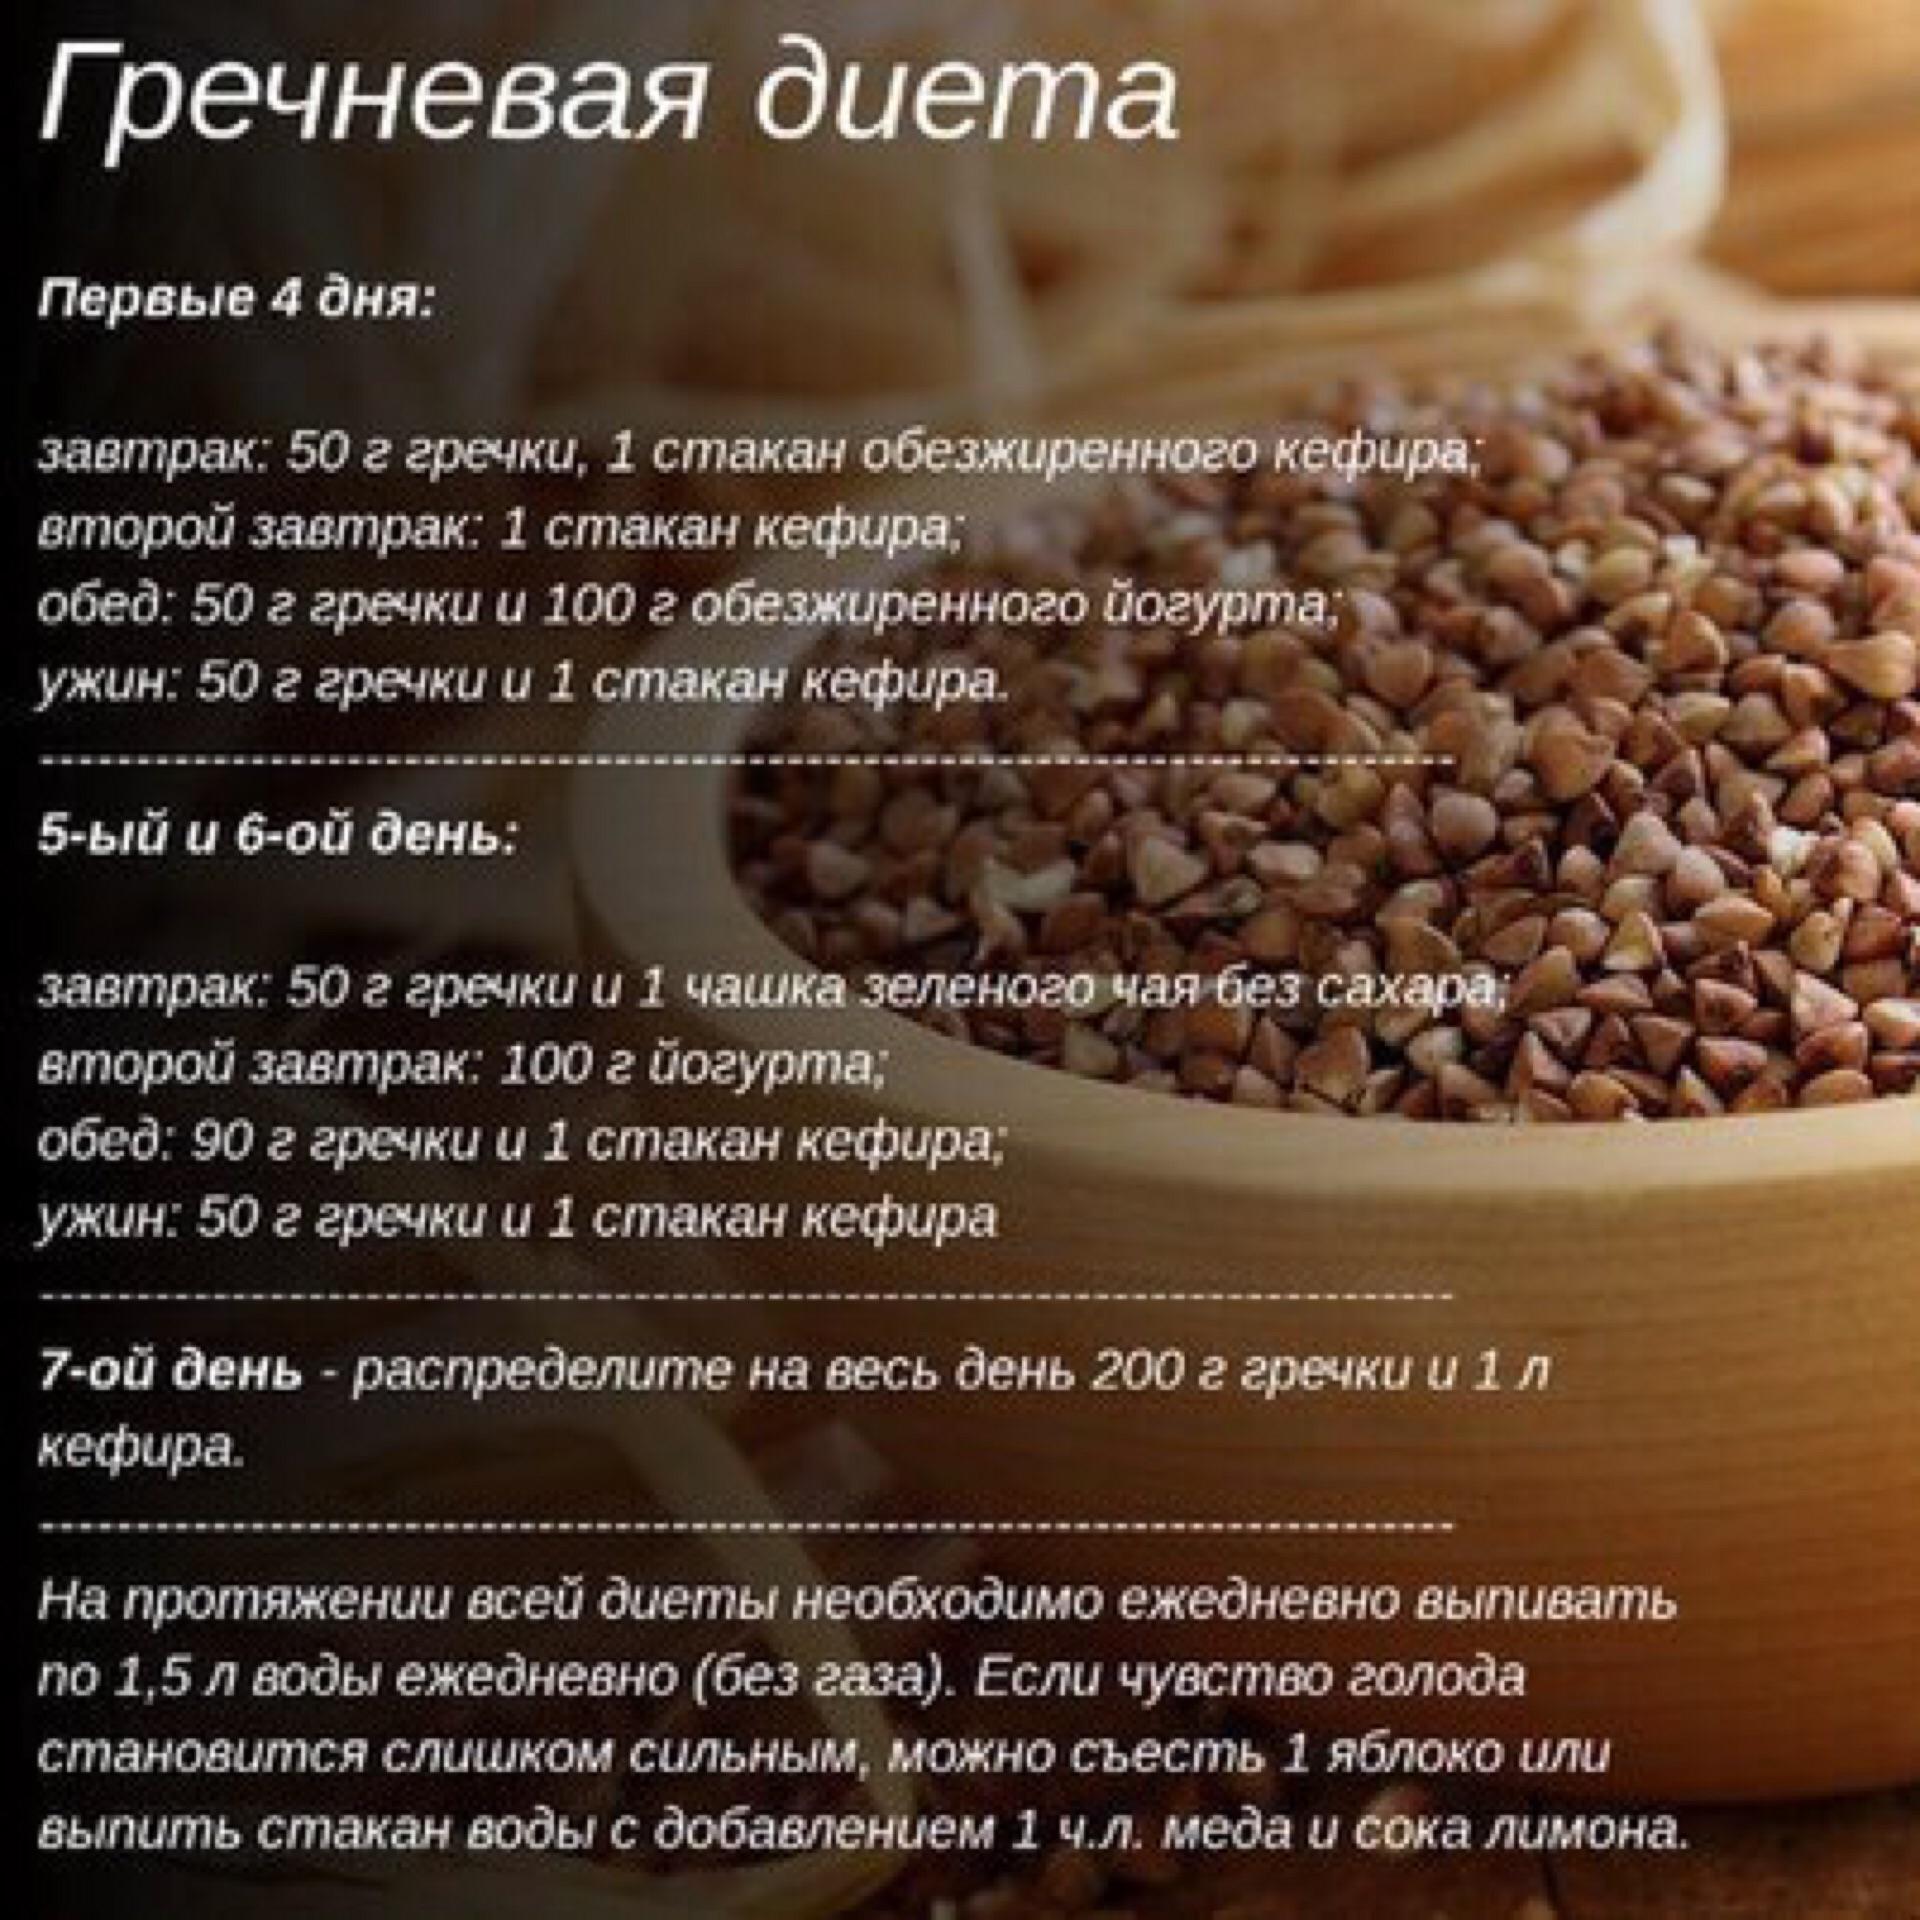 Двухнедельная диета на гречке